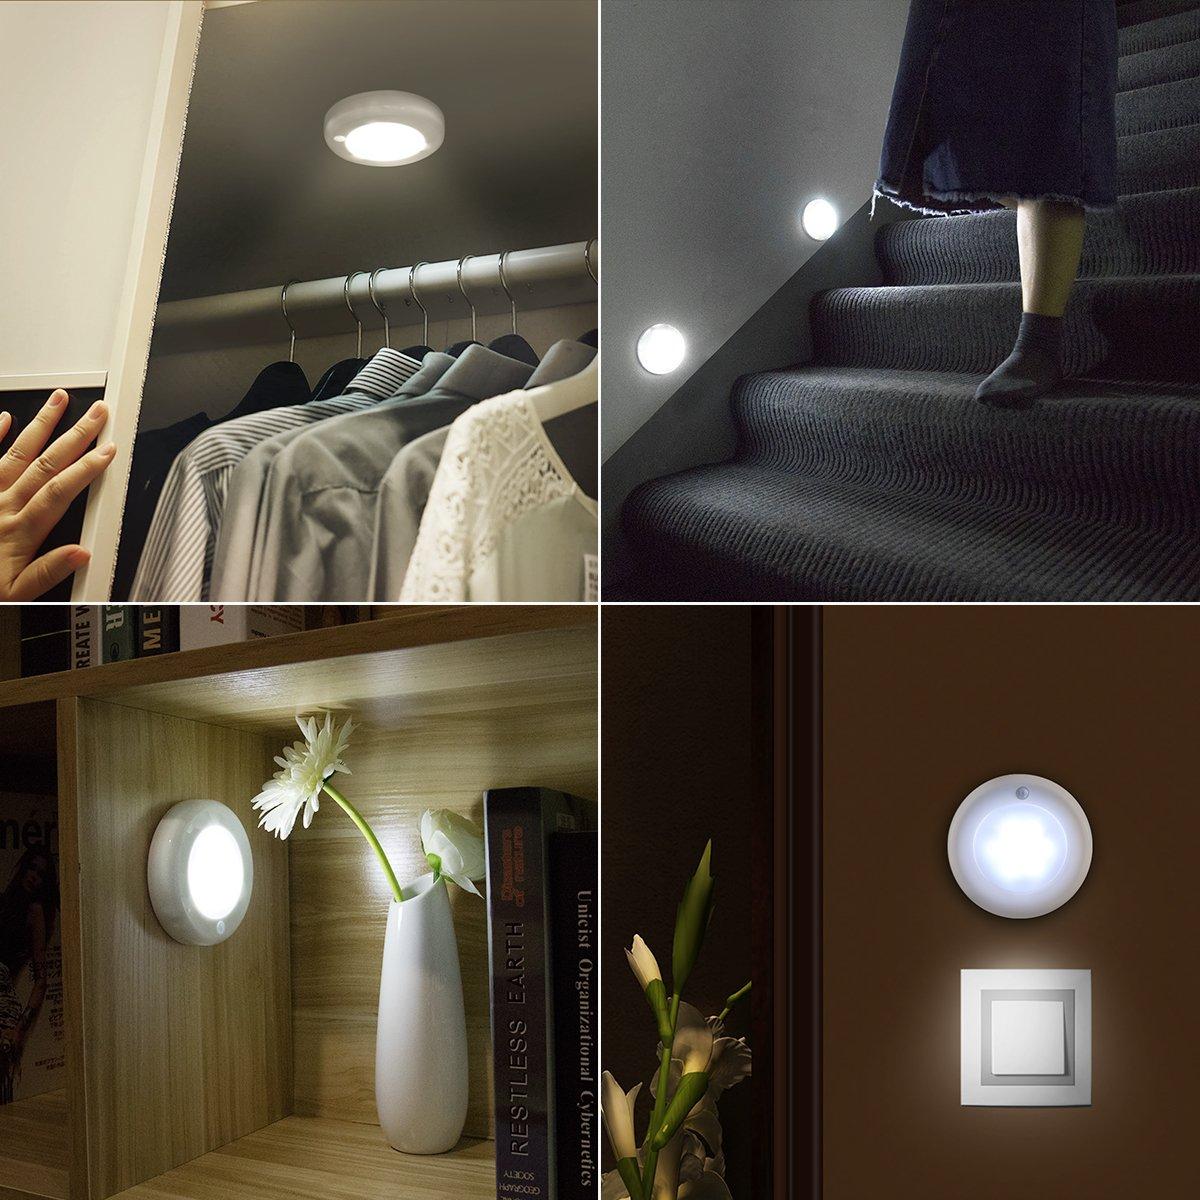 Bildergebnis für Bewegungssensorlicht led rund